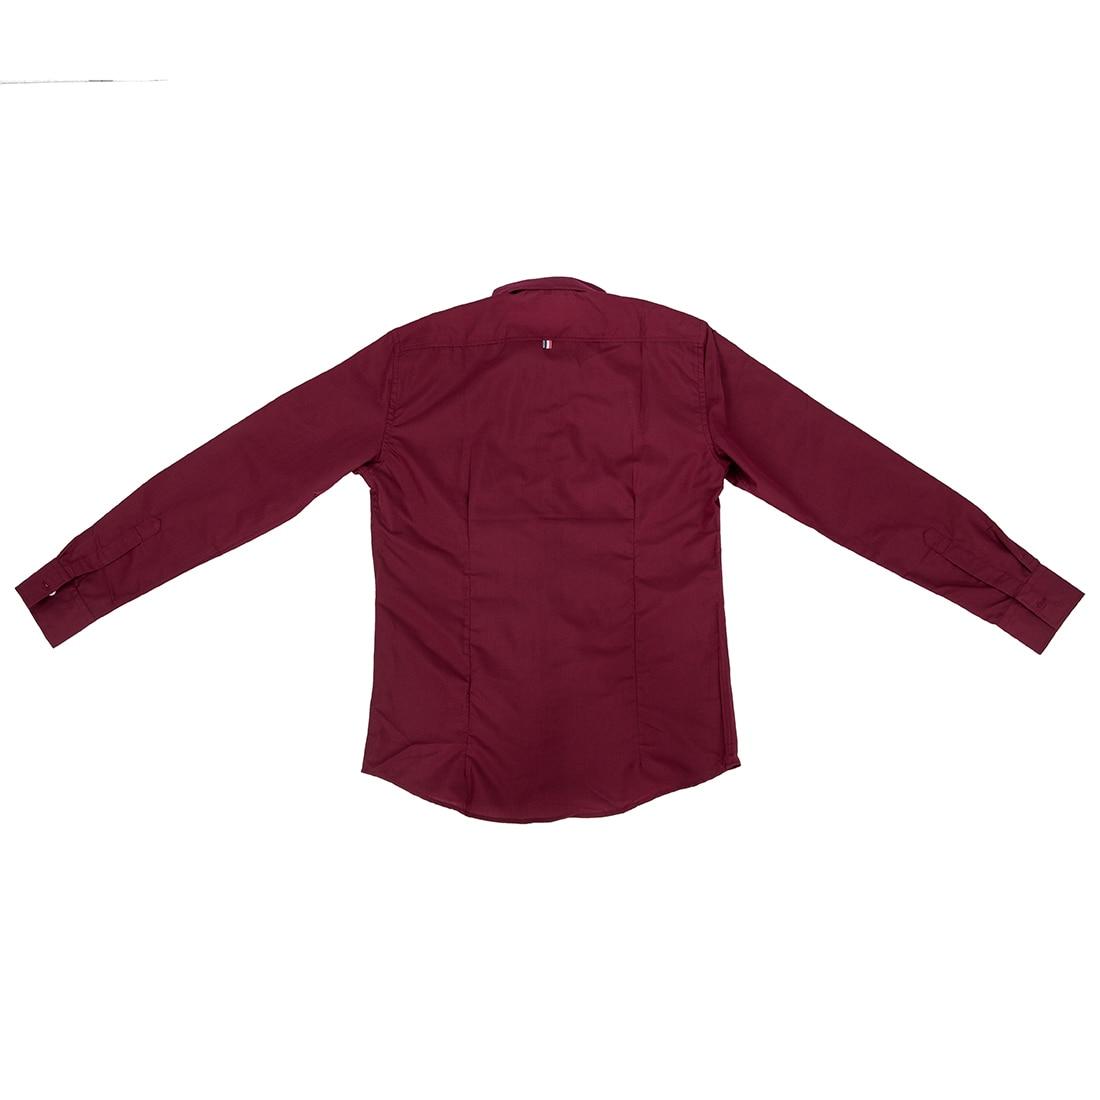 Красное Вино Осень Стильные Футболки для Мужчин Сплошной Цвет Ленты С Длинным Рукавом Slim Fit Рубашки Повседневные